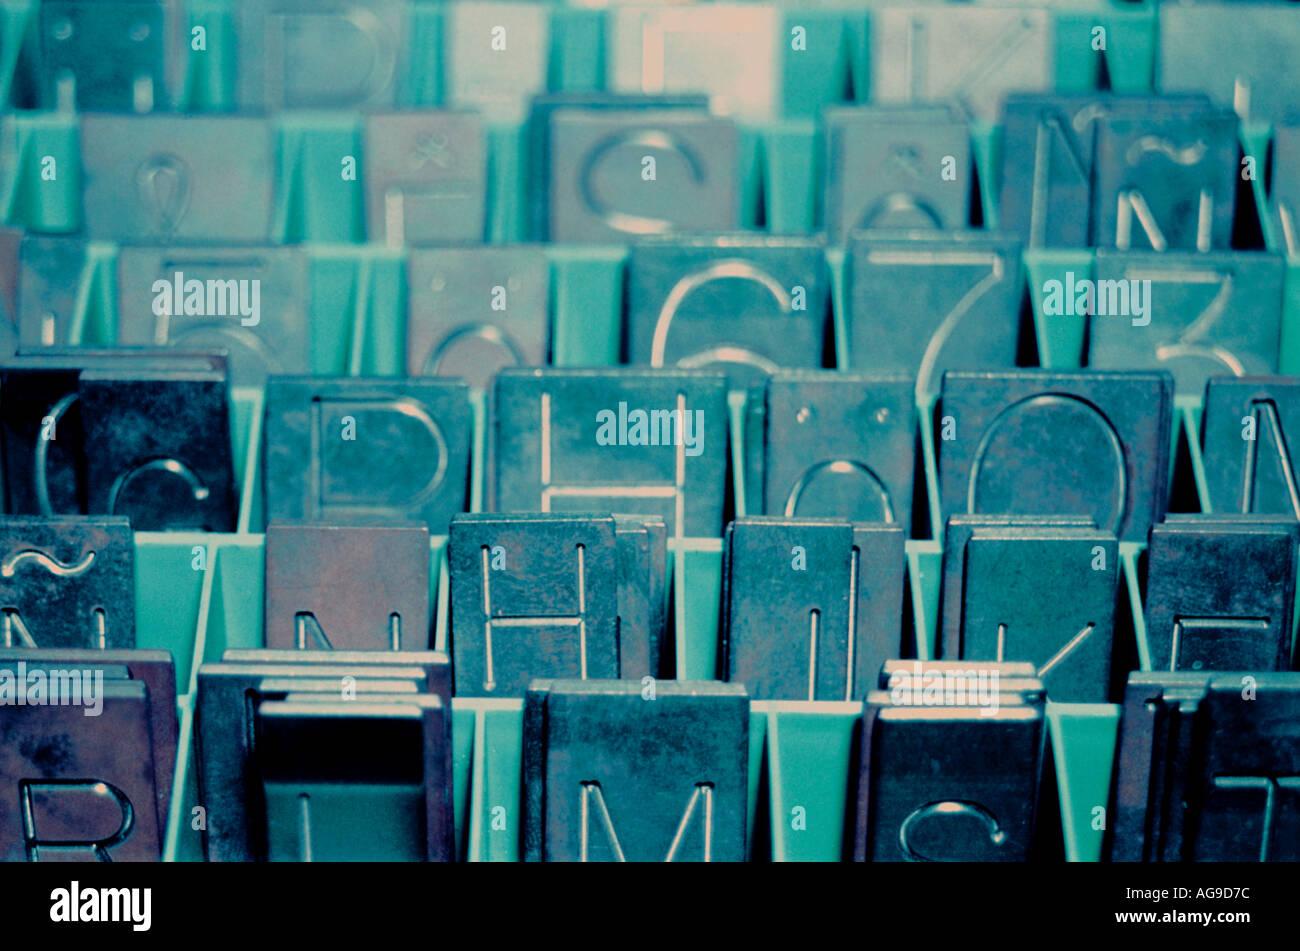 Gravure plaques alphabet Banque D'Images